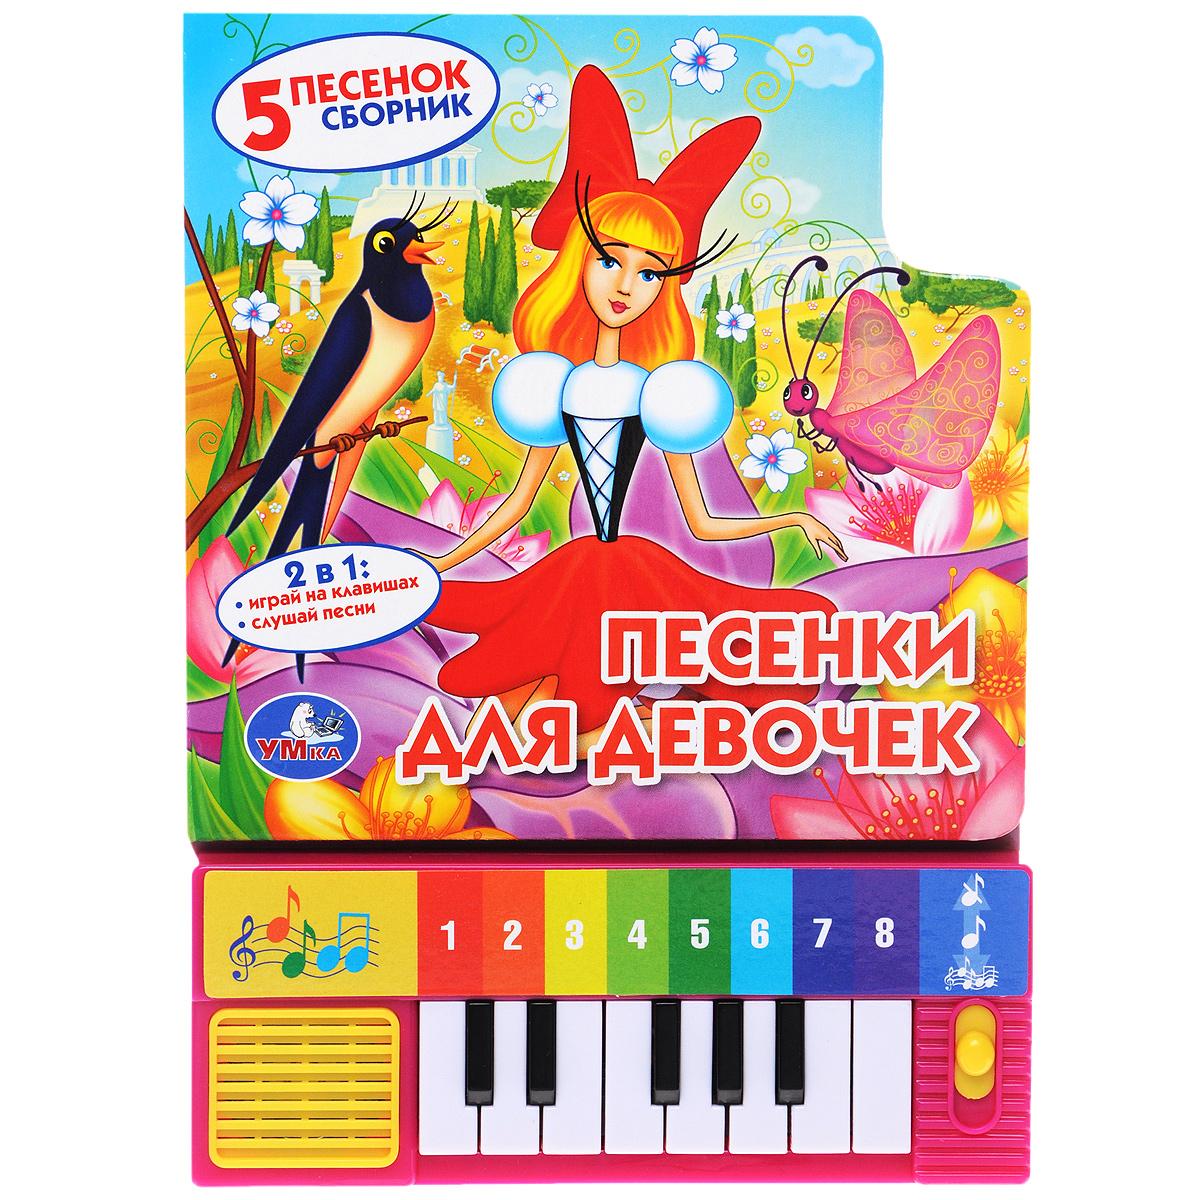 Песенки для девочек. Книжка-игрушка